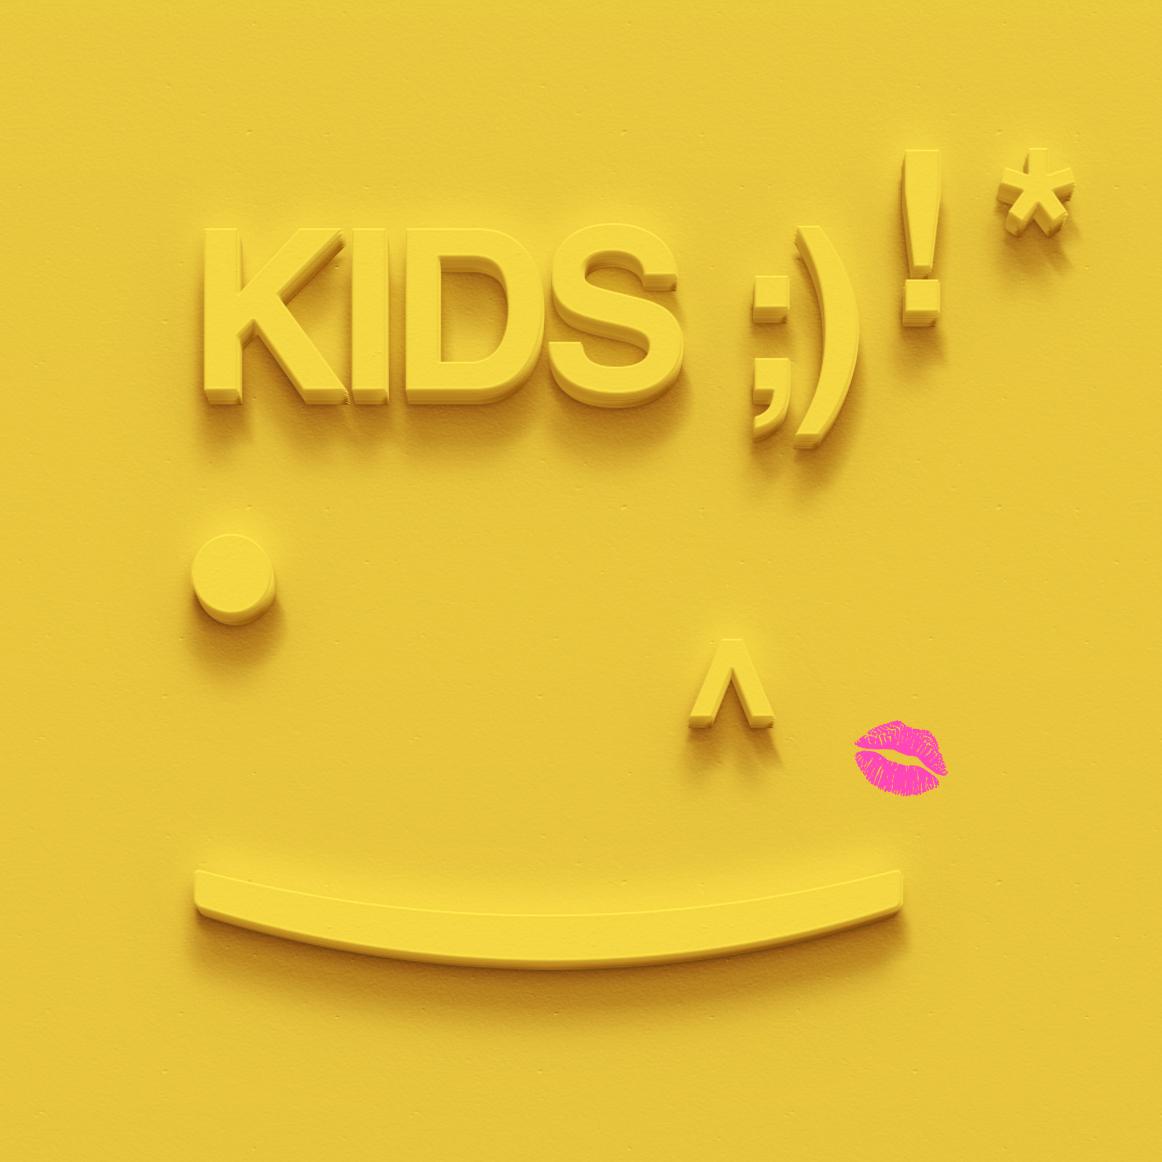 3_KIDS.jpg